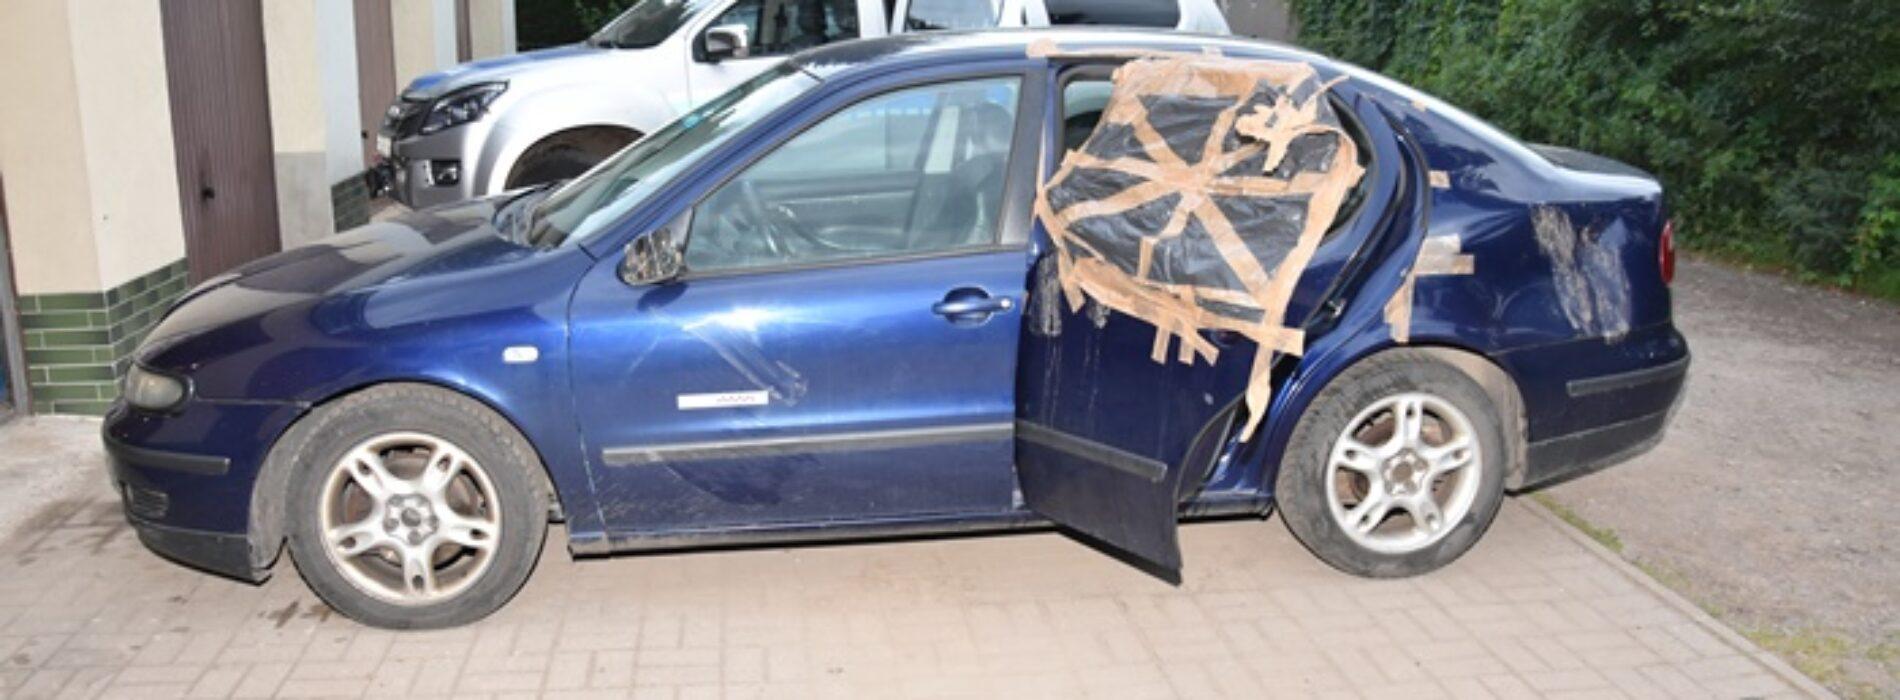 25-latek z rozpaczy po rozstaniu z dziewczyną wyładował złość na samochodzie jej obecnego partnera